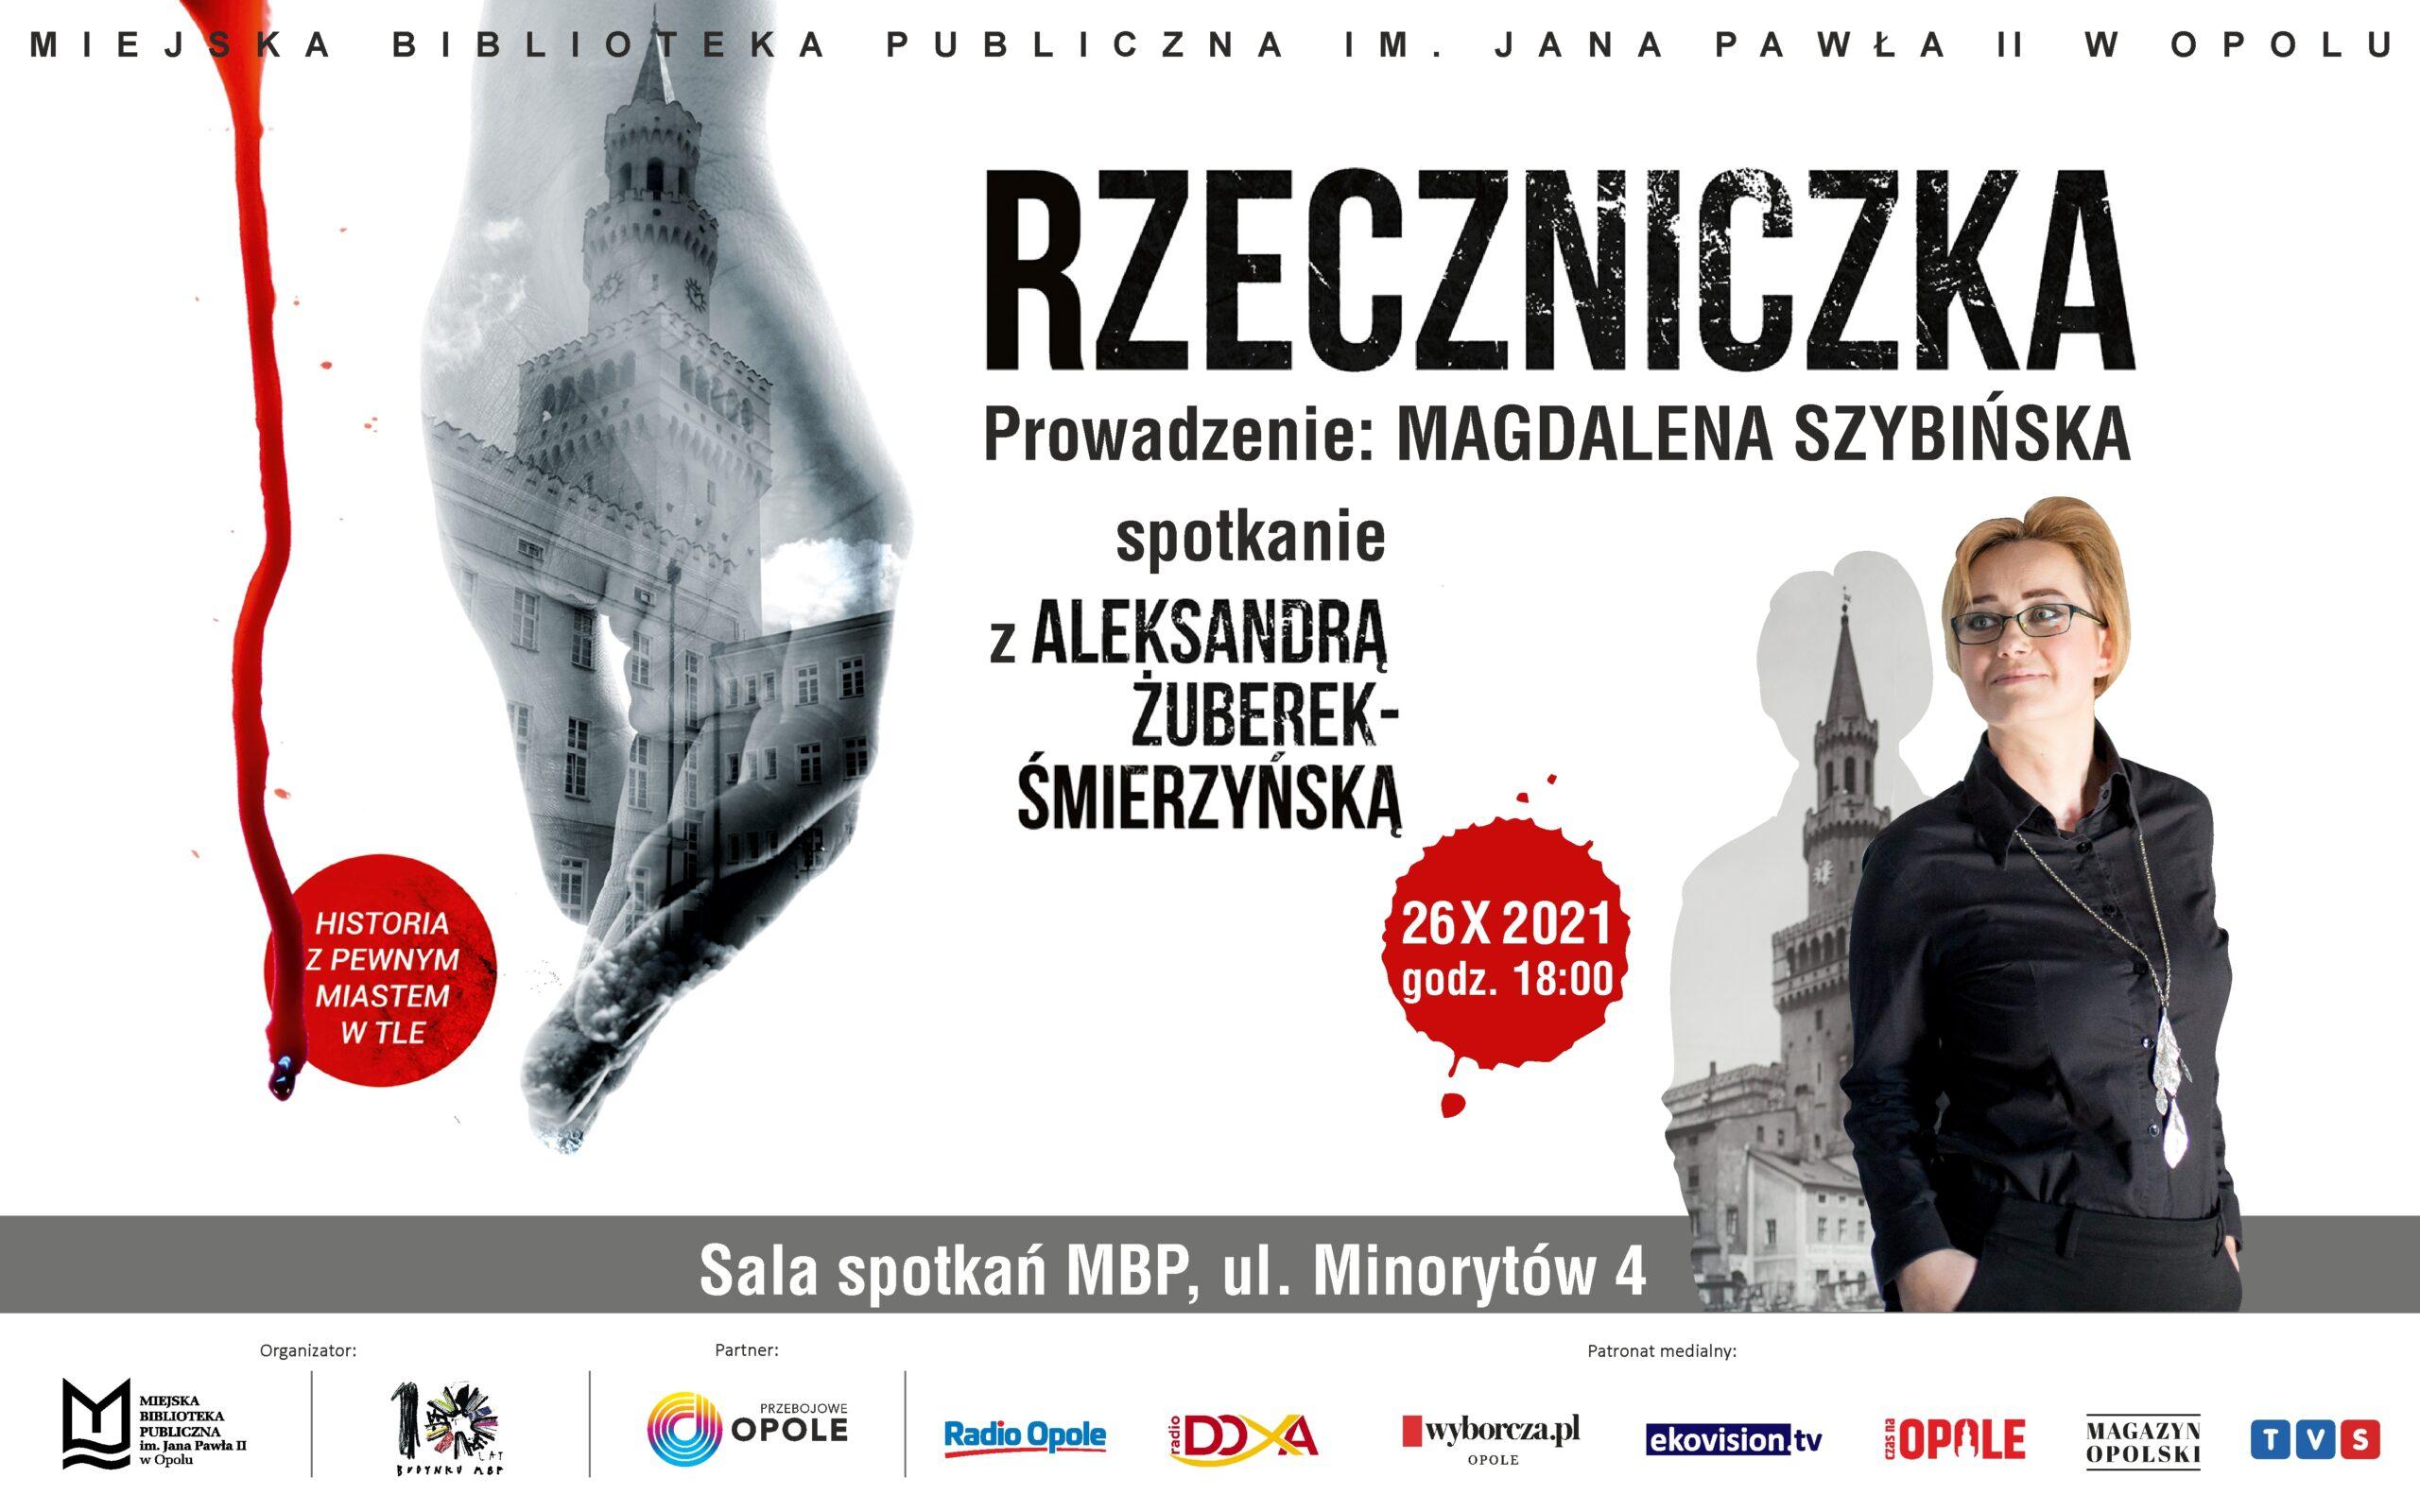 Rzeczniczka – spotkanie z Aleksandrą Żuberek-Śmierzyńską